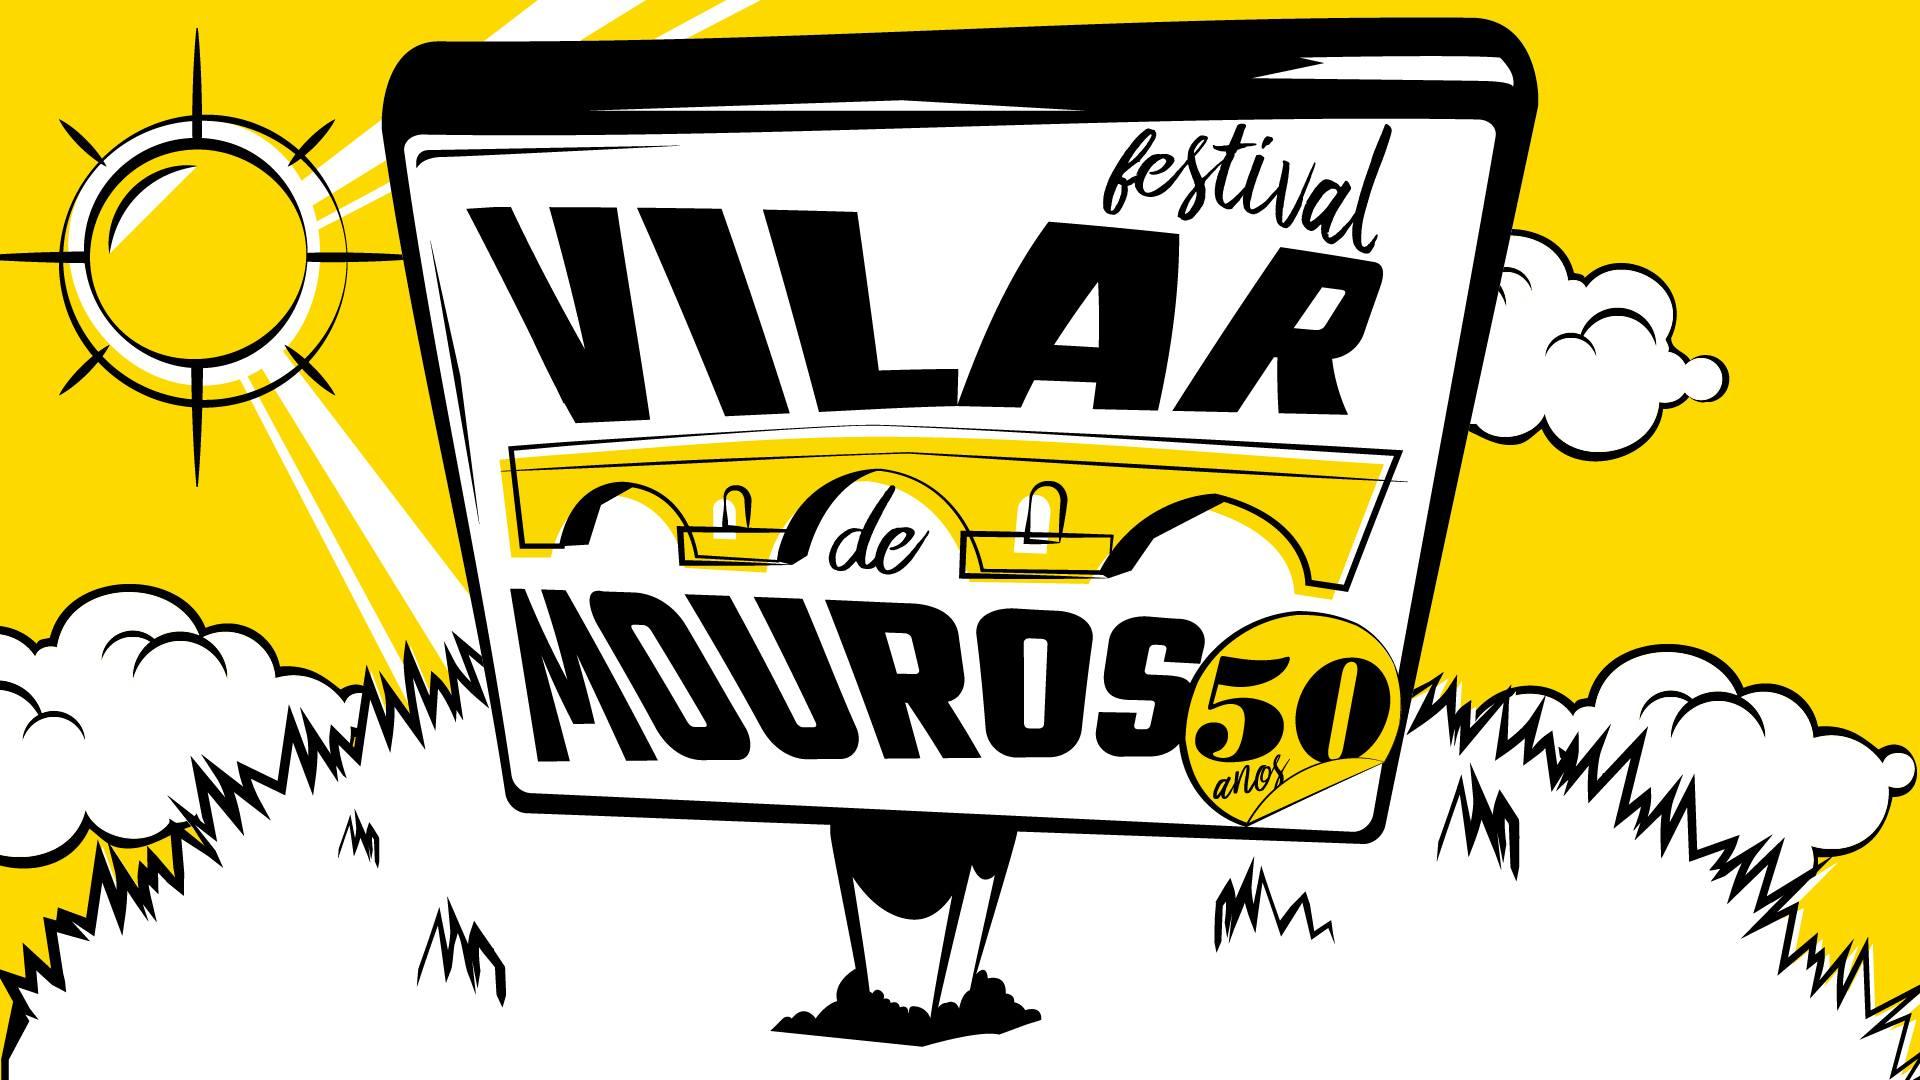 Playlist Vilar de Mouros